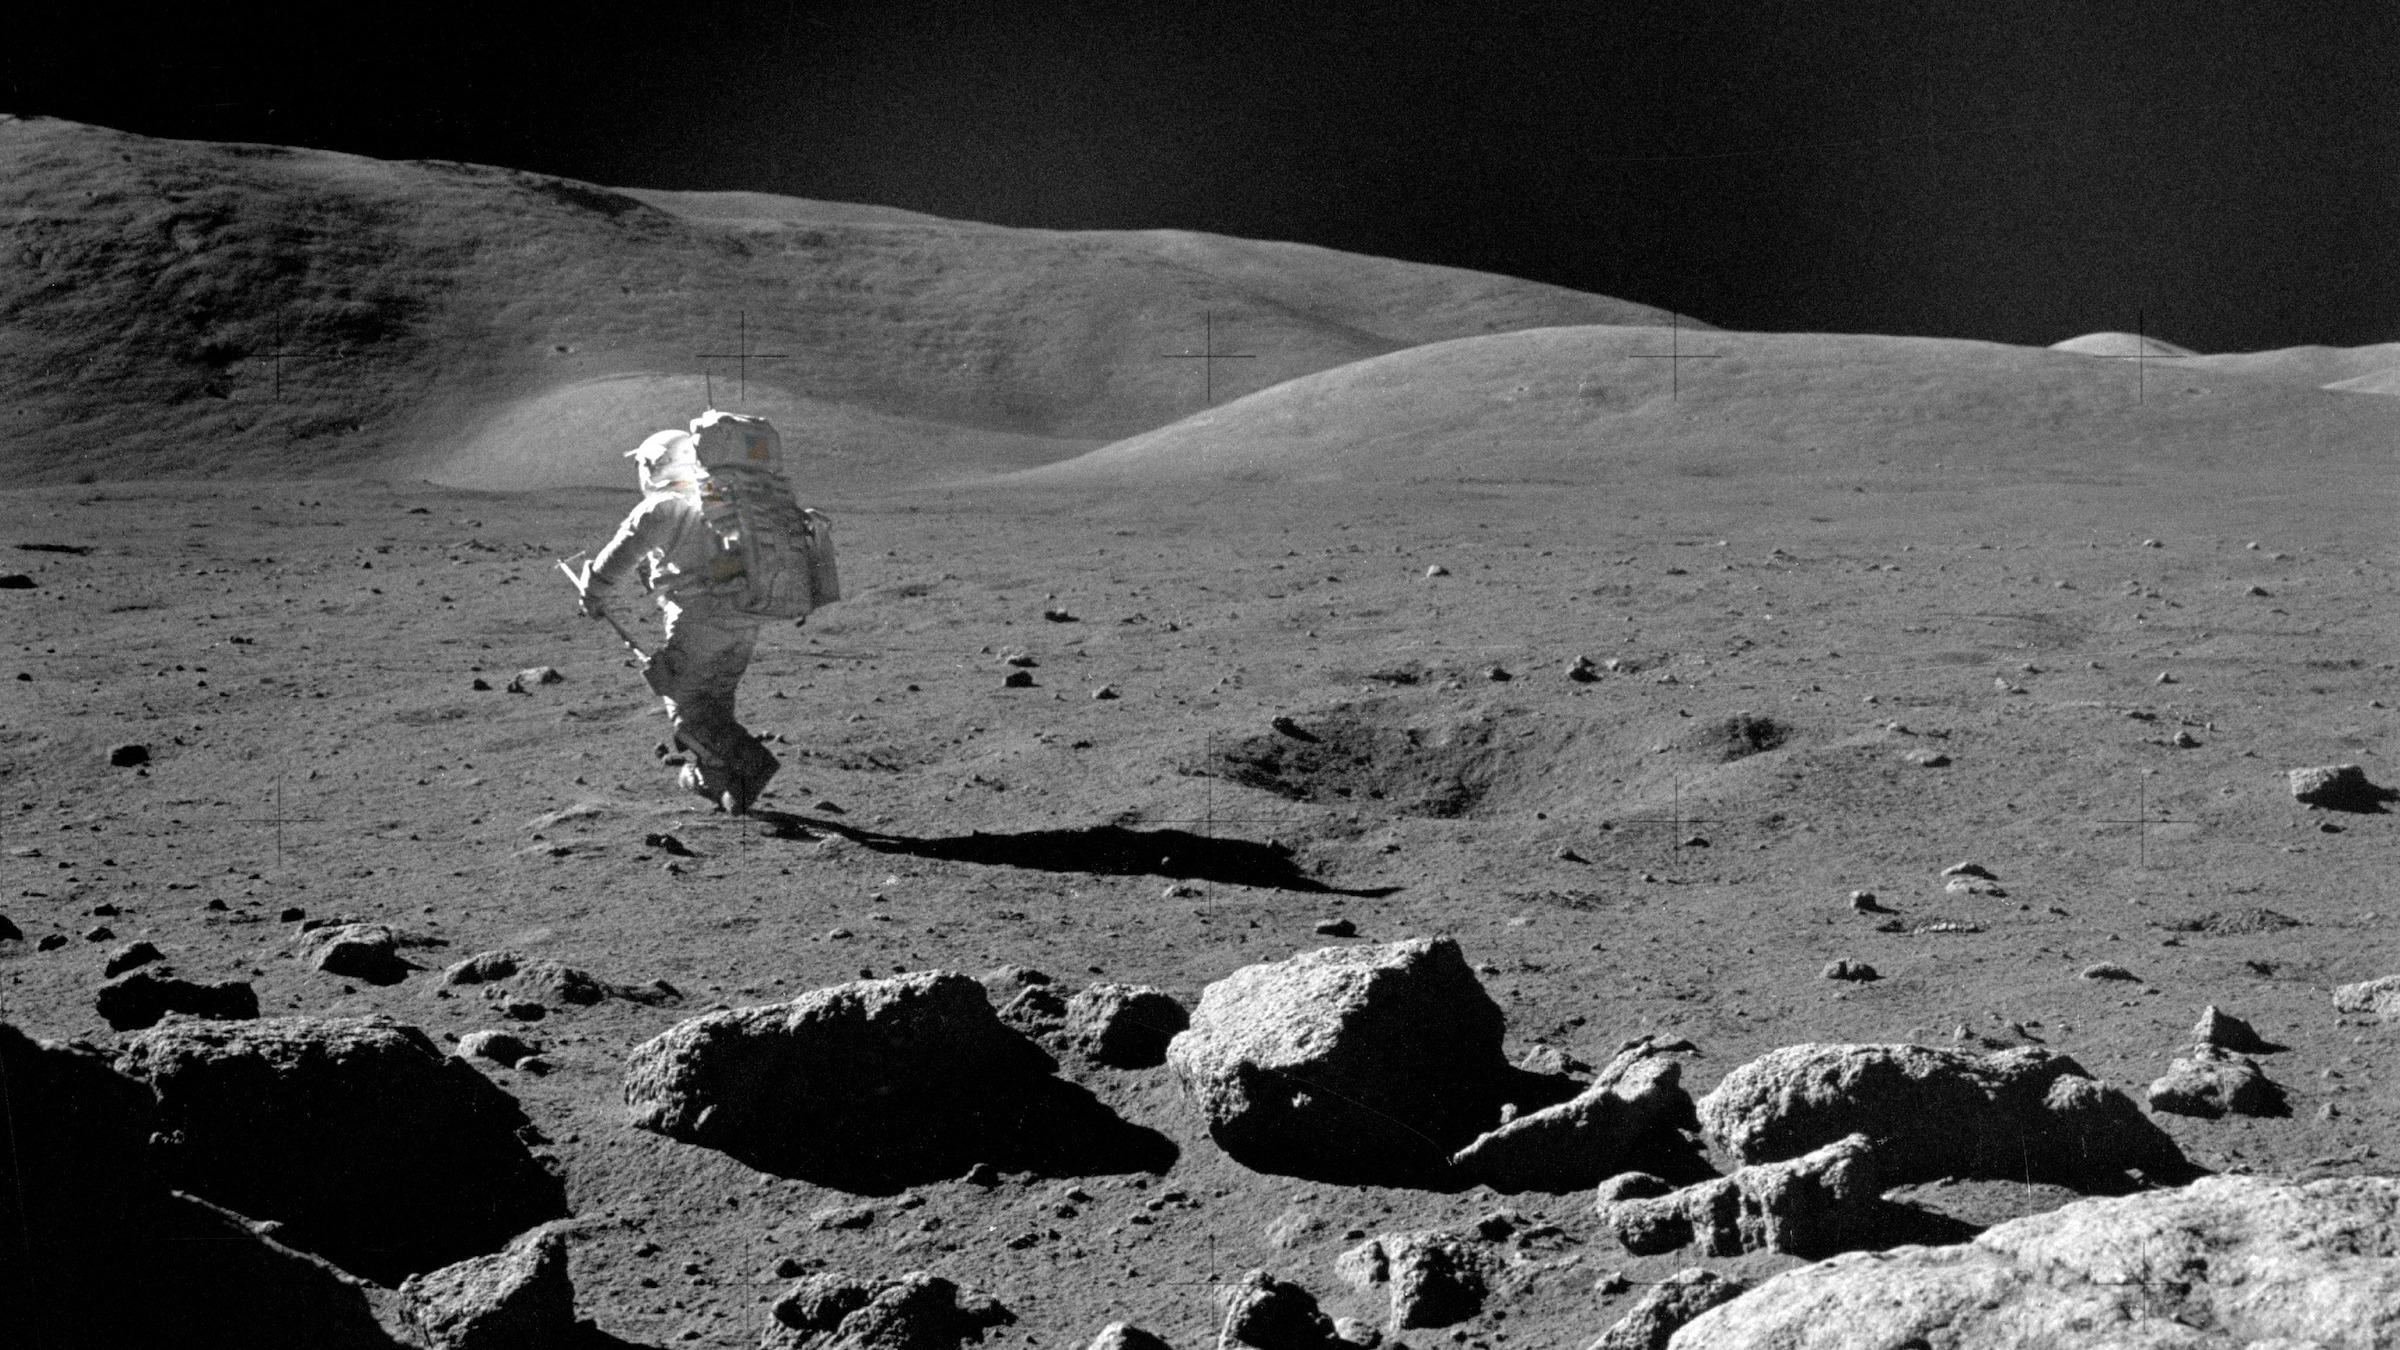 Cette photo de 1972 montre le scientifique-astronaute Harrison H. Schmitt, le pilote du module lunaire d'Apollo 17, explorant la lune avec sa pelle d'échantillonnage réglable.